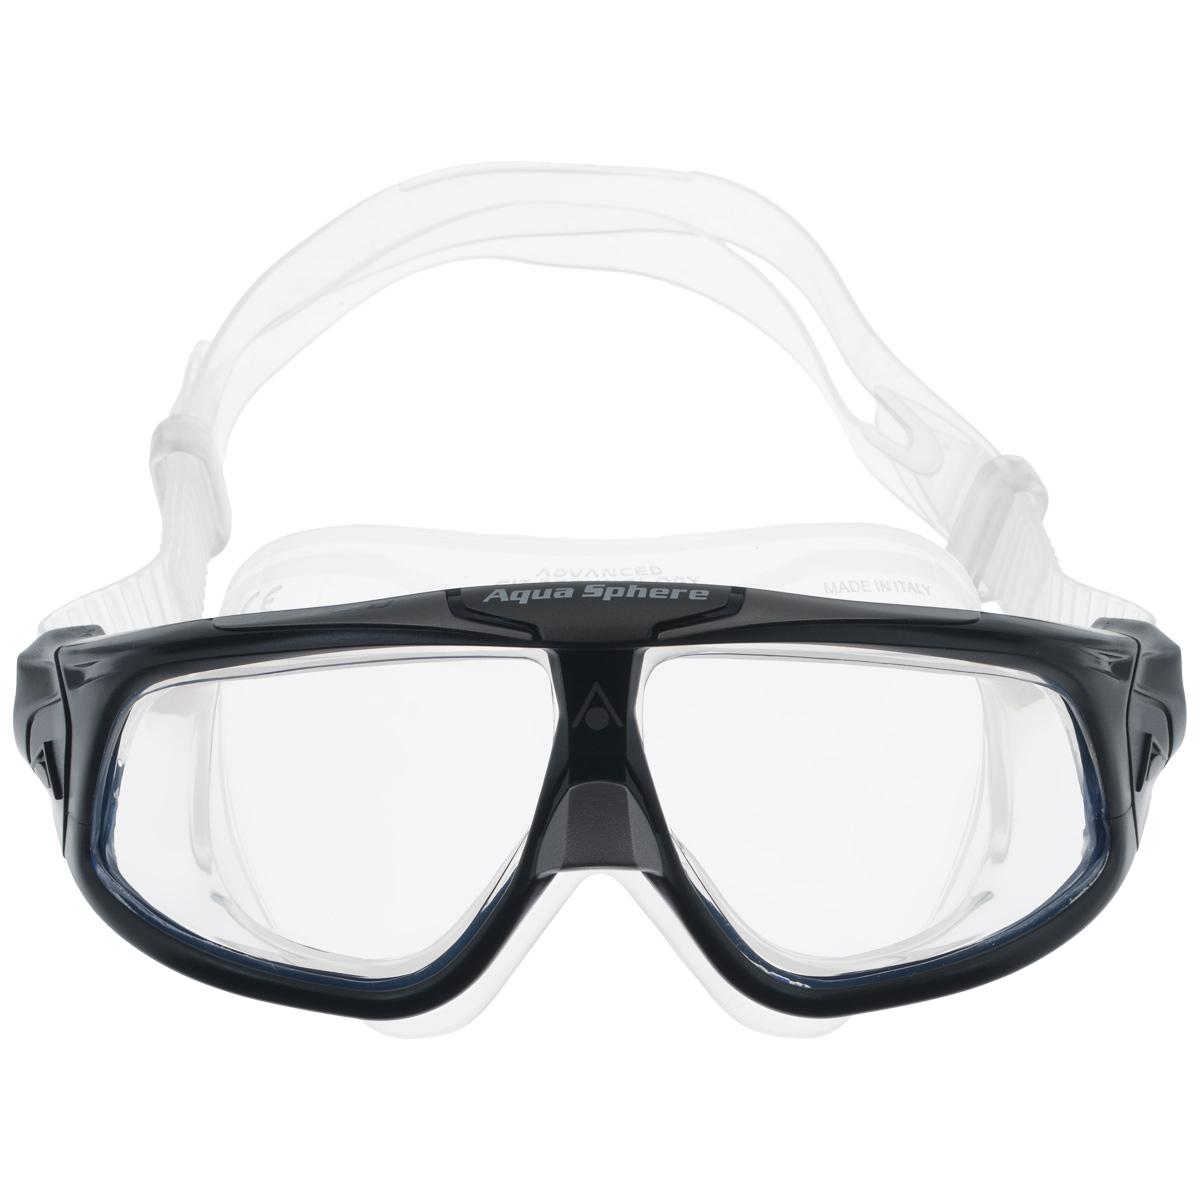 Очки для плавания Aqua Sphere Seal 2.0, цвет: черный, серебристыйTS V-500A BLAqua Sphere Seal 2.0 являются идеальными очками для тех, кто пользуется контактными линзами, так как они обеспечивают высокий уровень защиты глаз от внешних раздражителей, бактерий, соли и хлора.Особая форма линз обеспечивает панорамный обзор 180°. Очки дают 100% защиту от ультрафиолетового излучения. Специальное покрытие препятствует запотеванию стекол.Материал: силикон, plexisol.